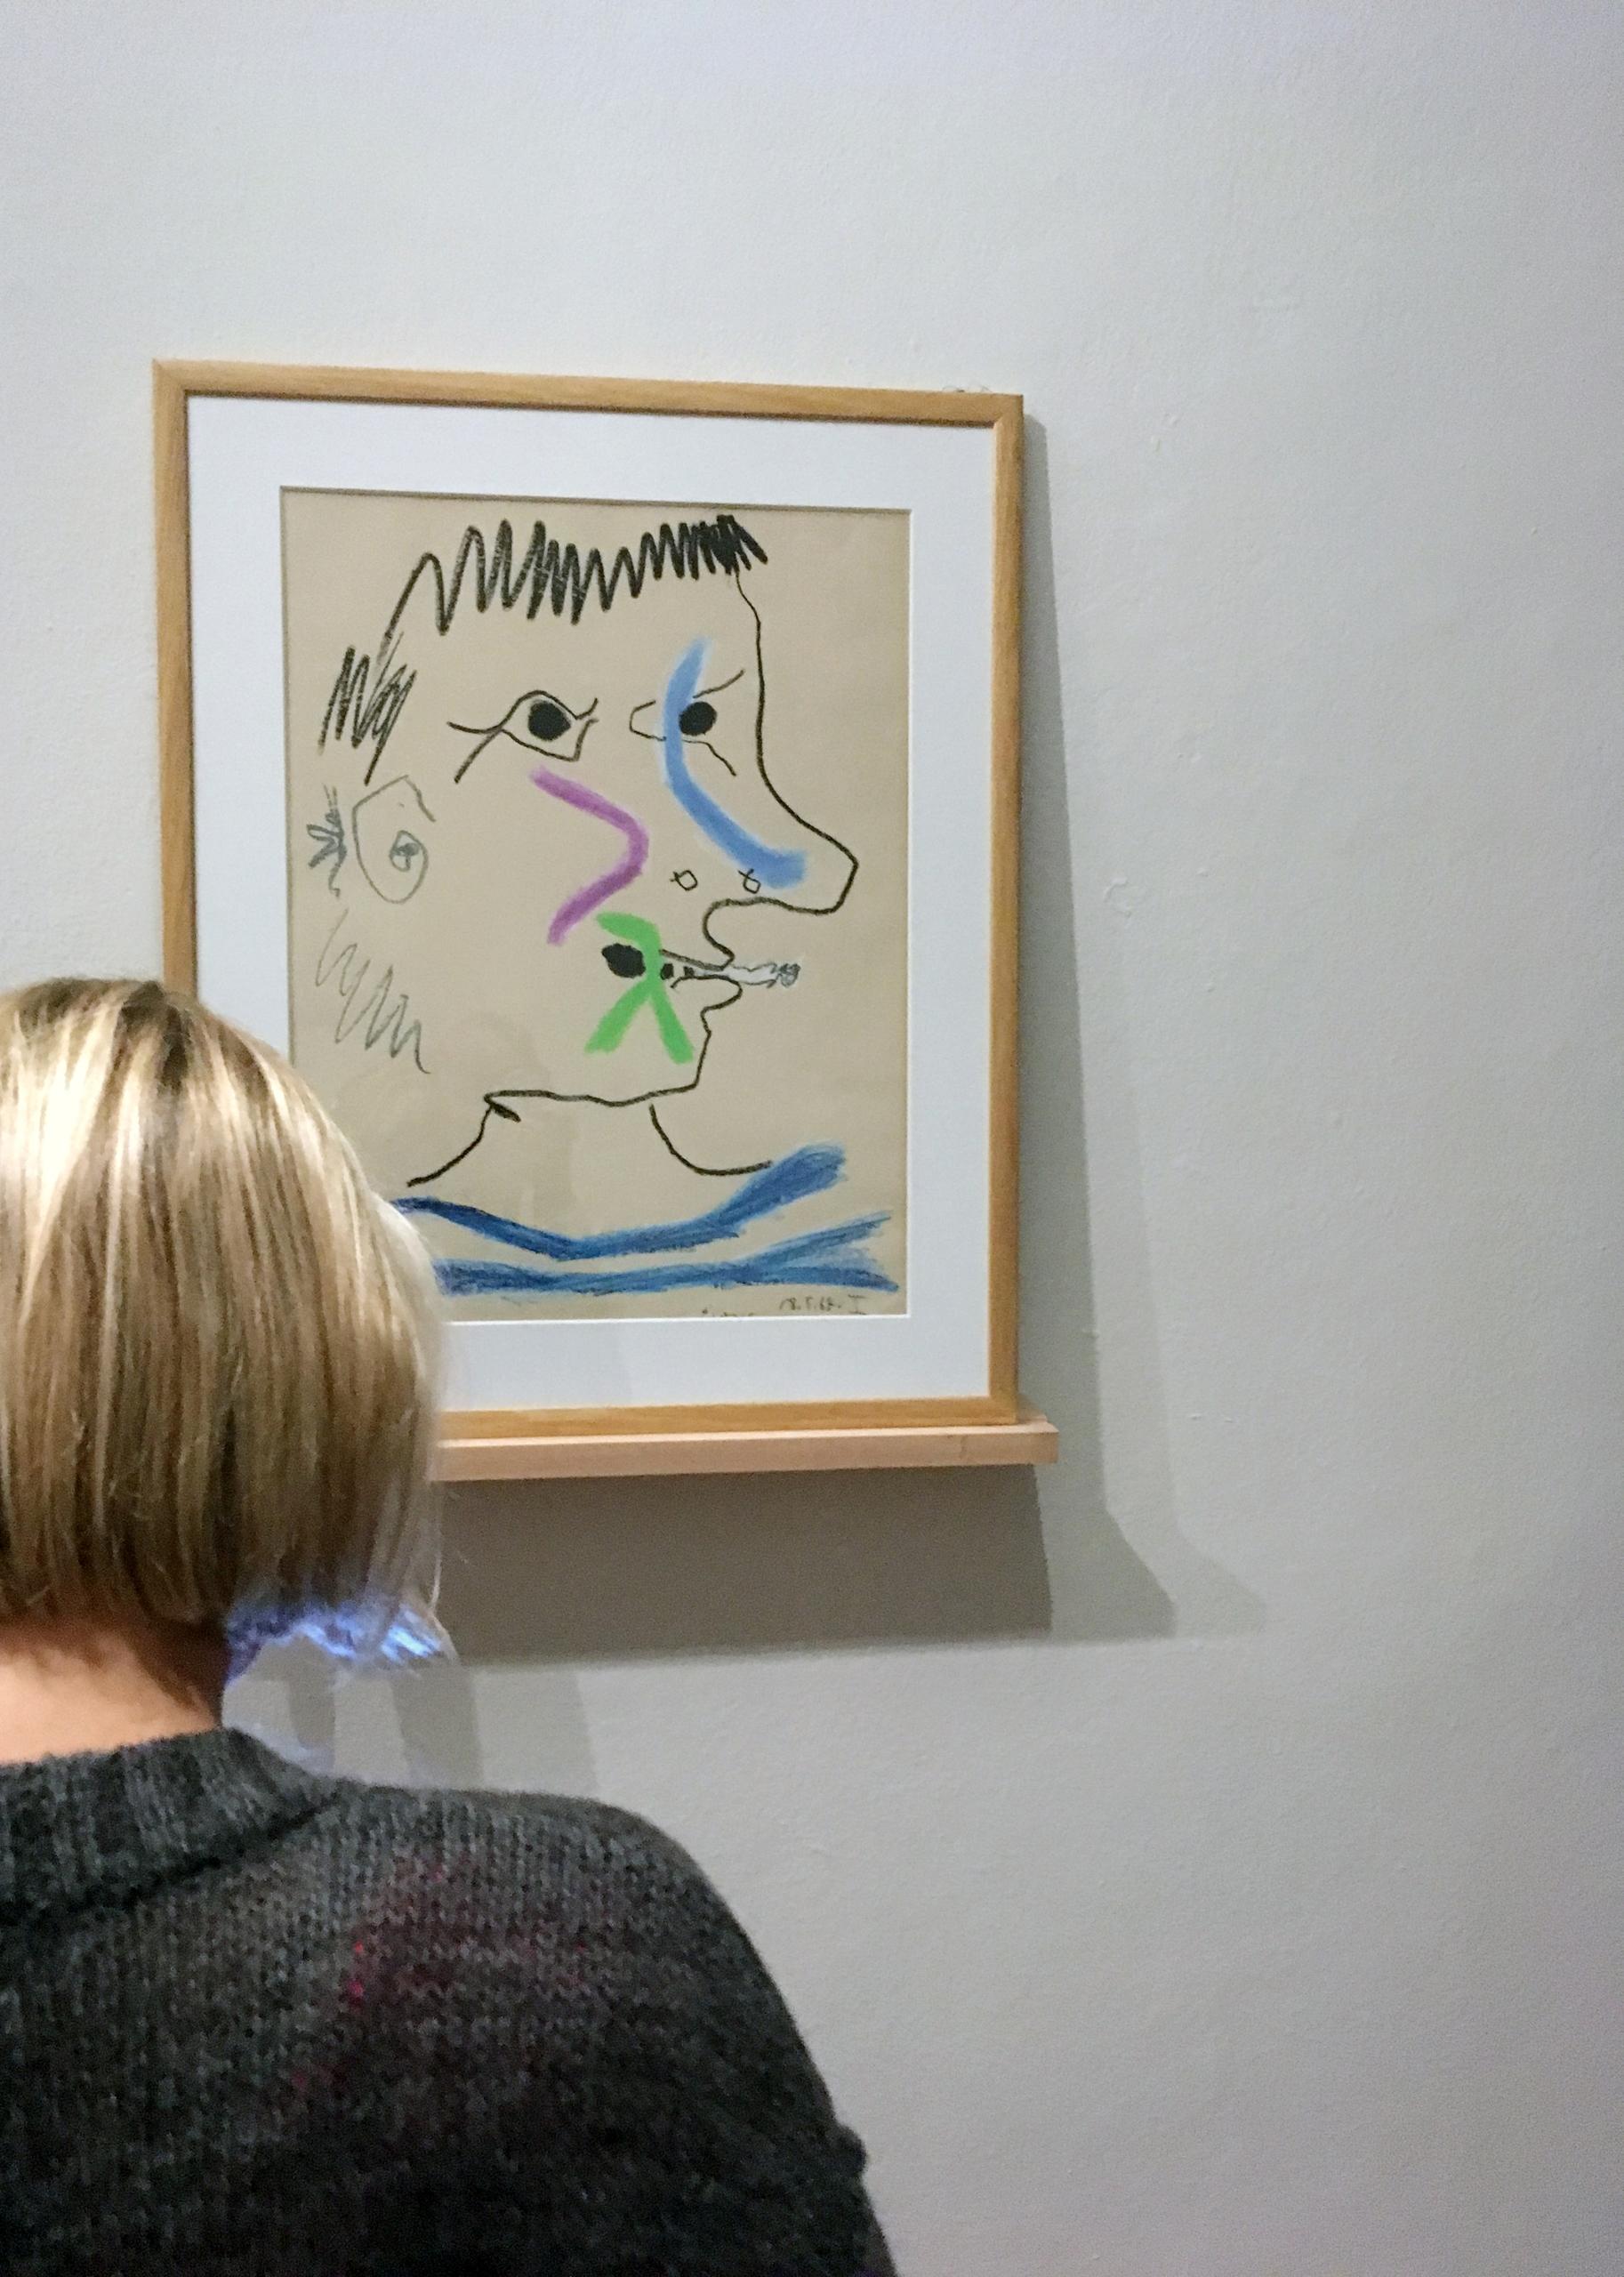 Zdjęcie przedstawia kobietę z krótkimi włosami oglądającą obraz Pabla Picassa.